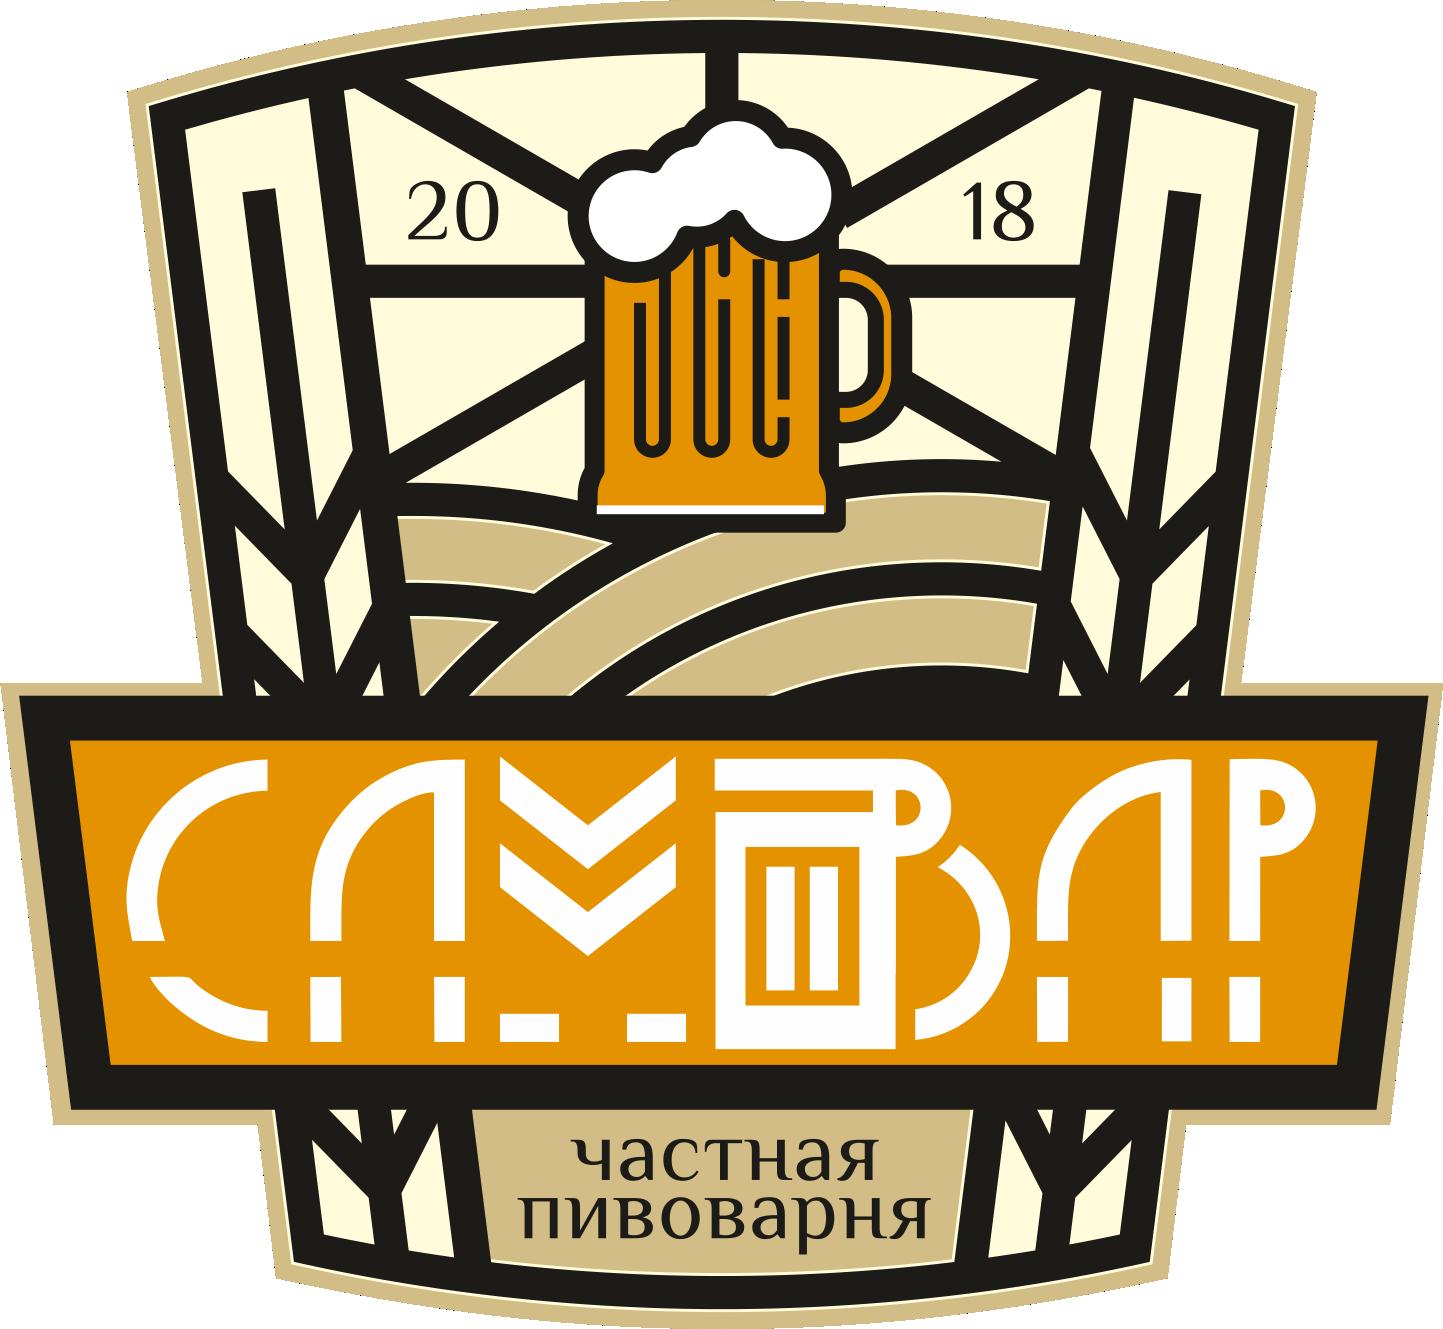 Пивоварня Самовар Тула